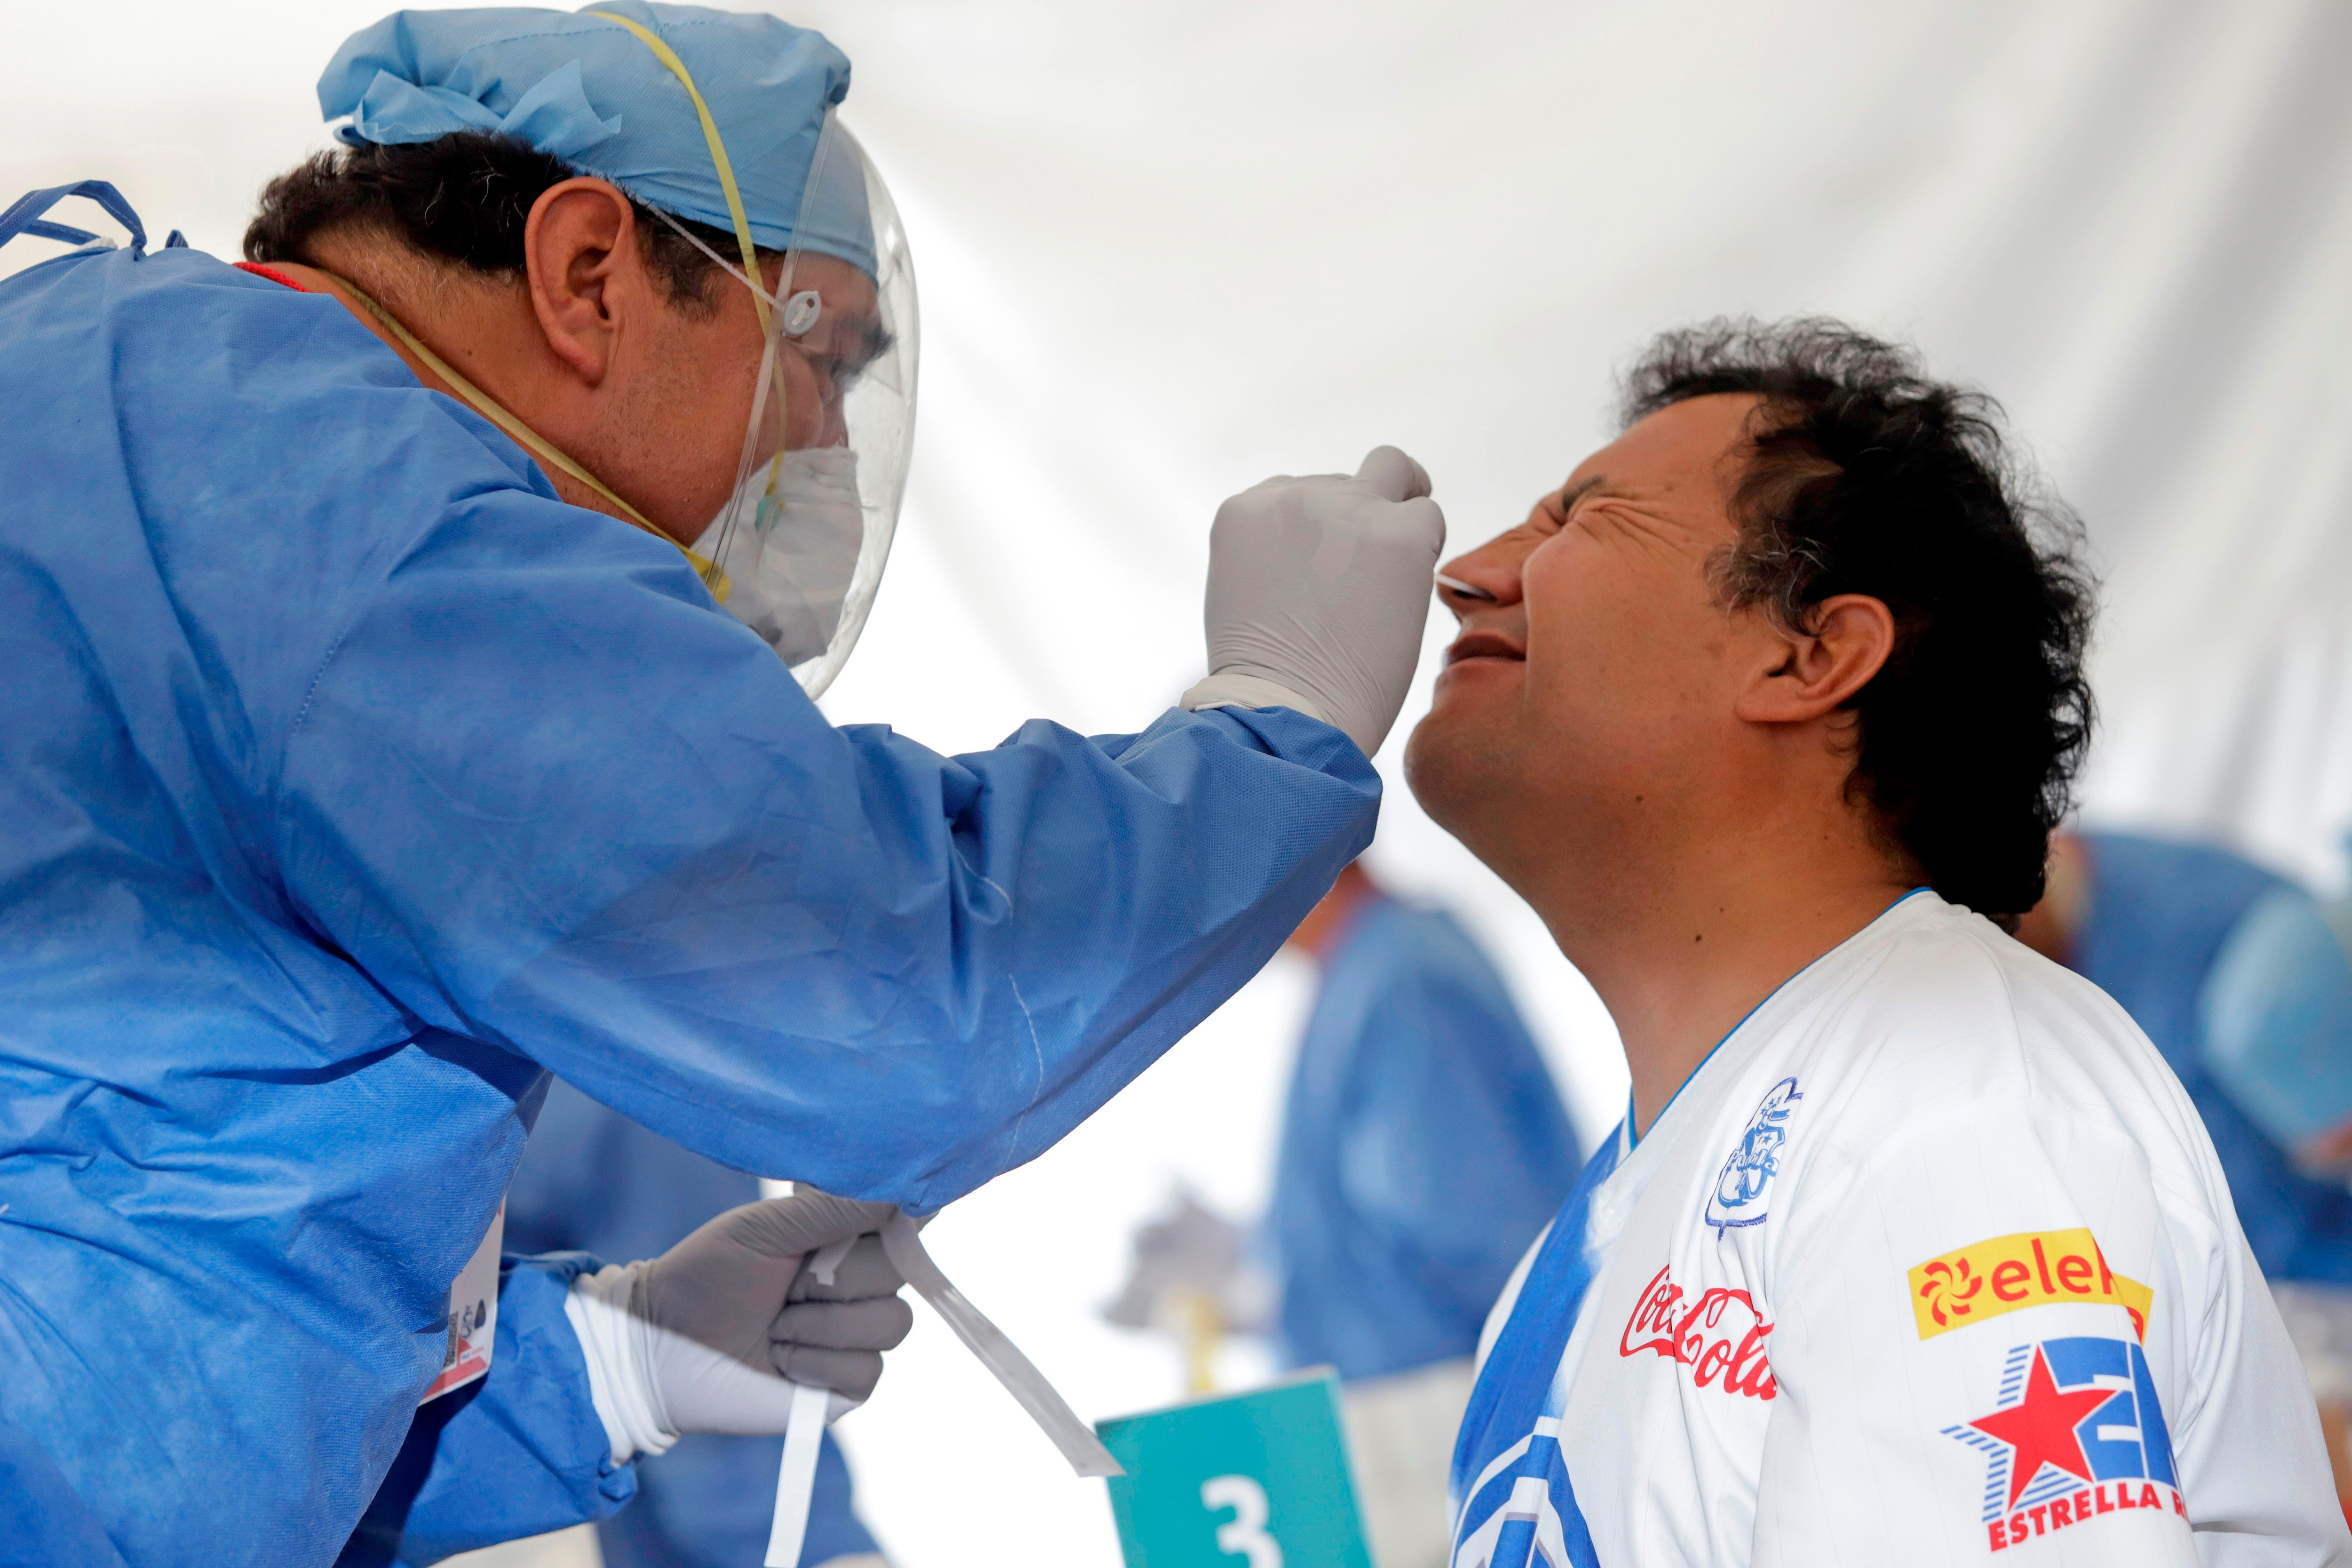 La pérdida súbita del olfato, acompañada del sabor (el olfato da el 80% del sabor) se manifiesta como consecuencia de que el SARS-CoV-2 ingresa por las fosas nasales (Foto: Hilda Ríos/EFE)